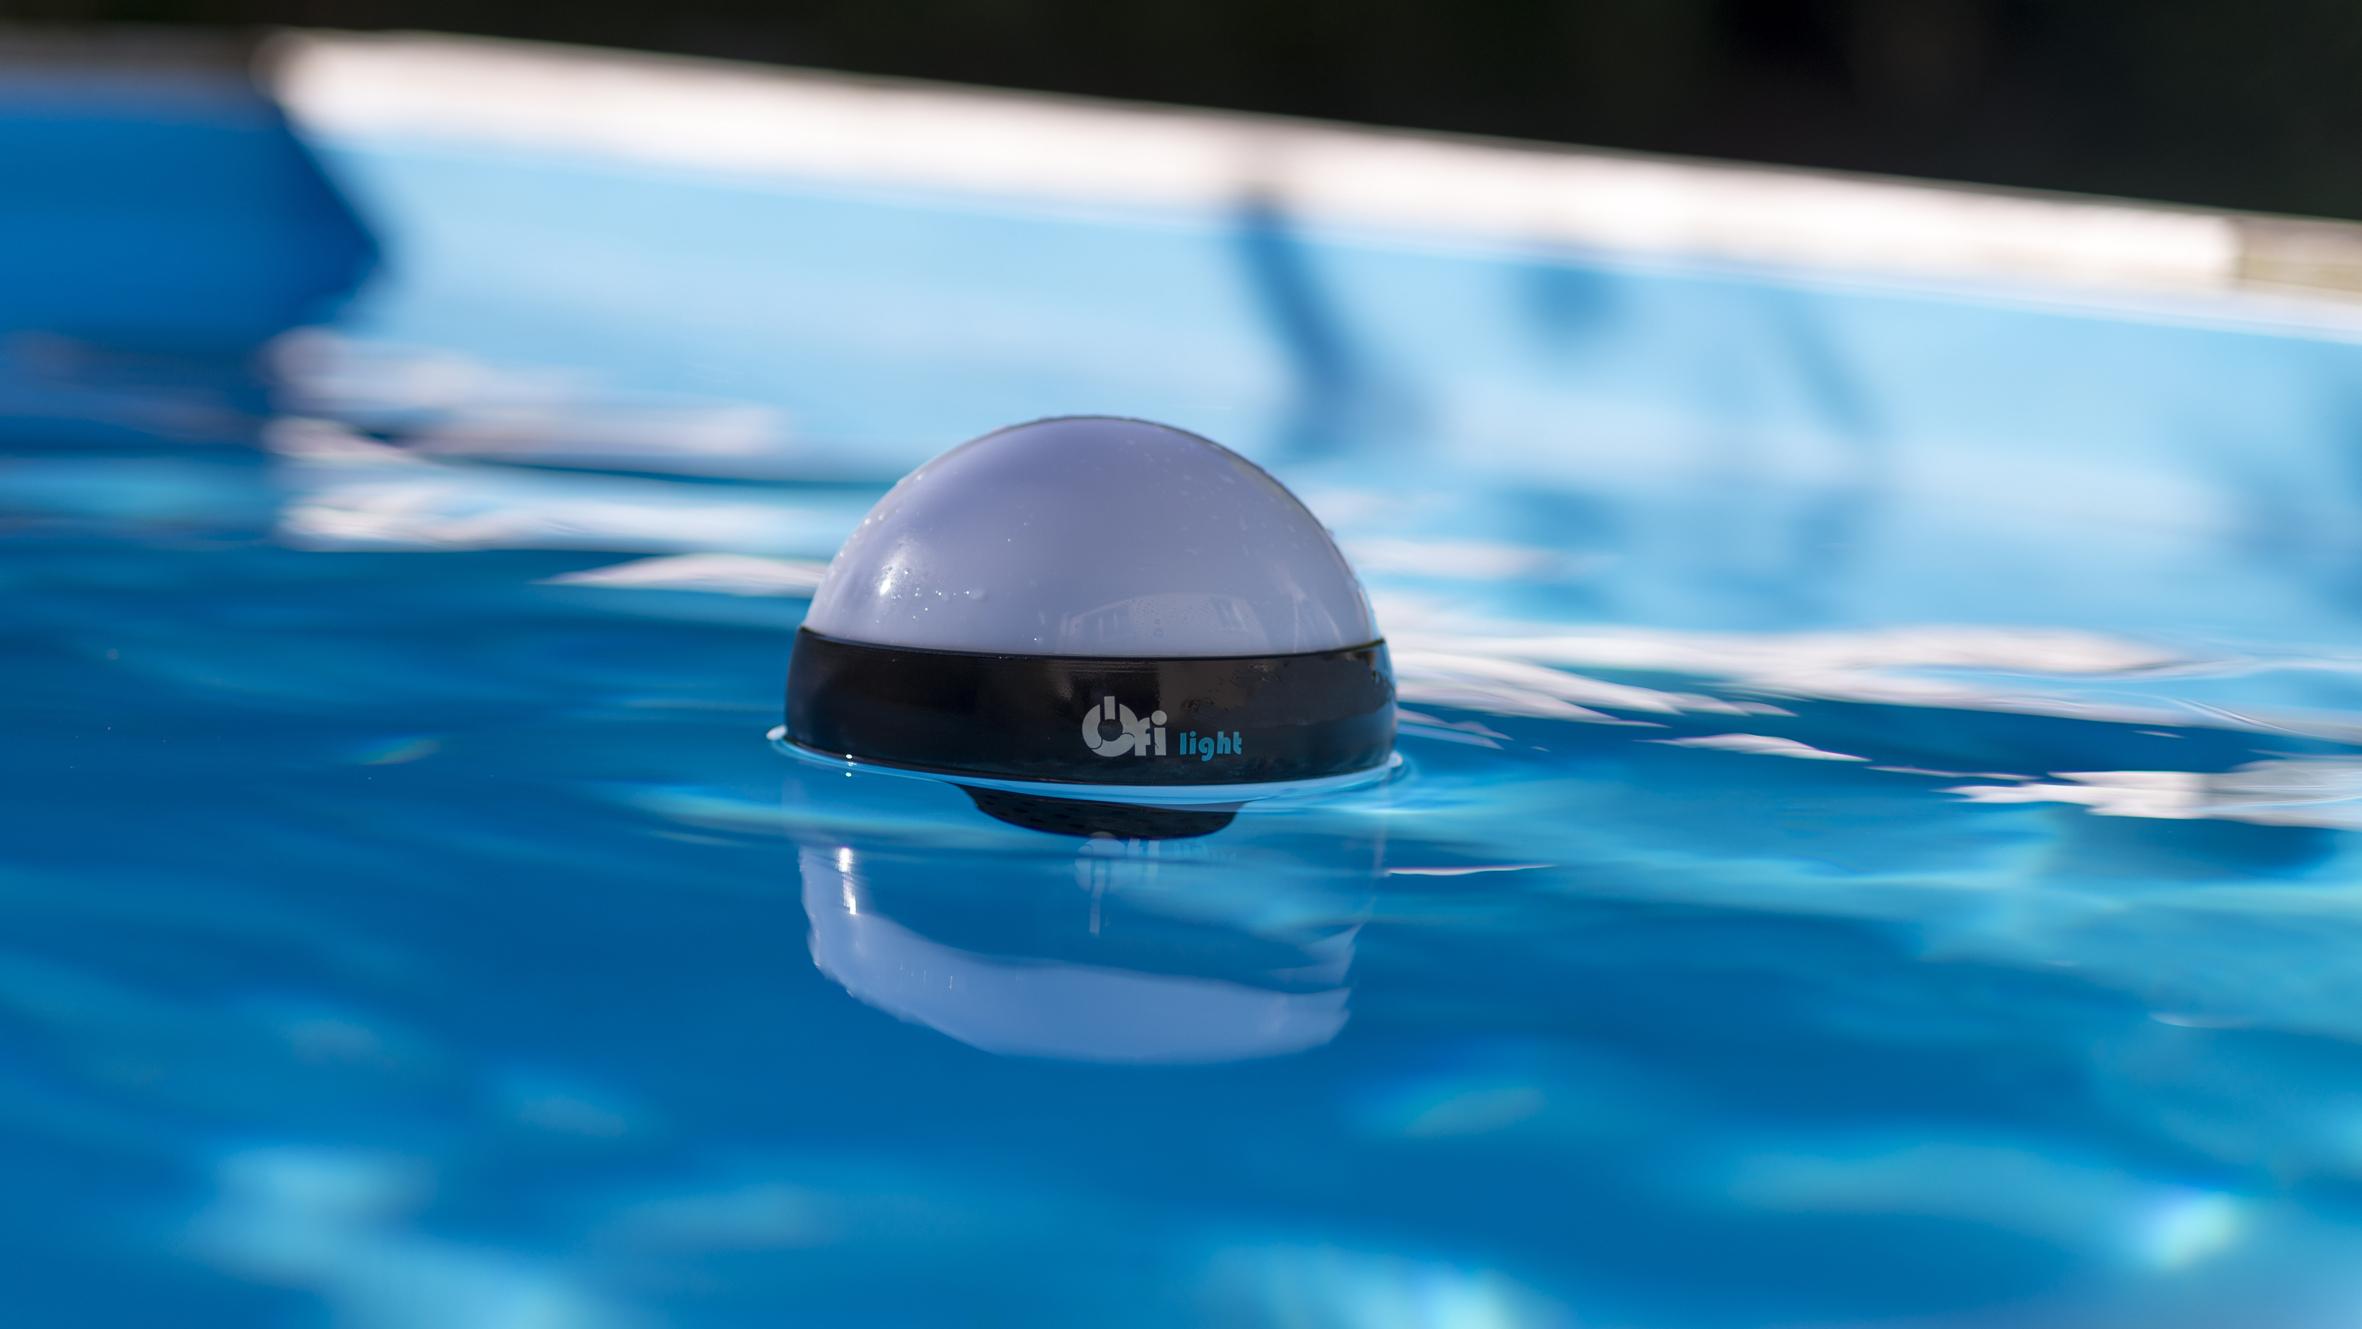 Test Capteur Piscine Ofi Light: L'objet Flottant Intelligent ... concernant Eclairage Piscine Sans Fil